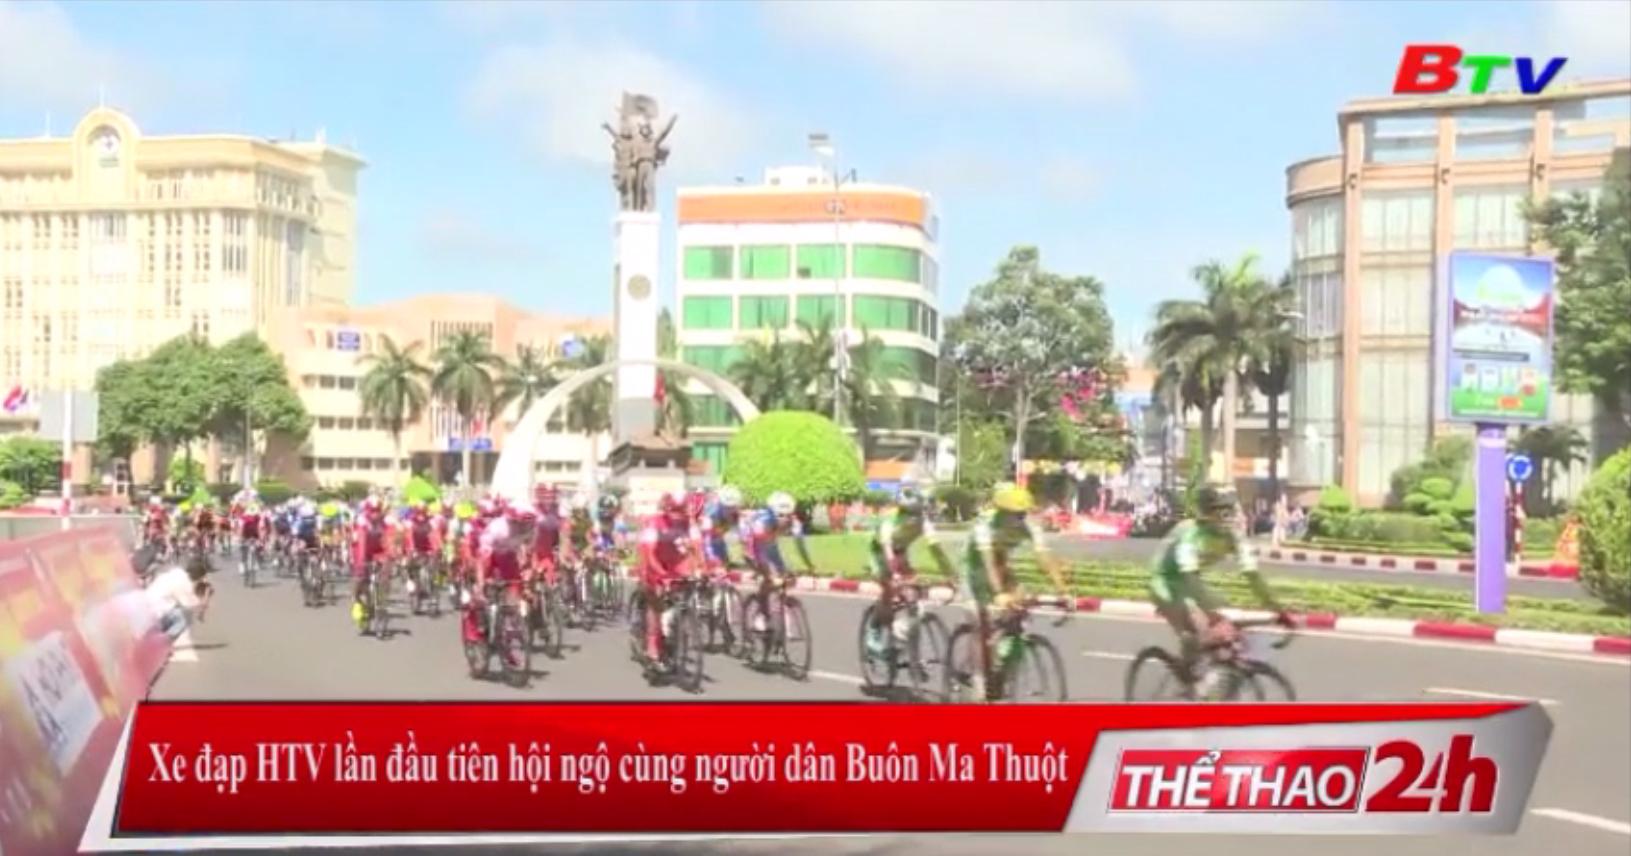 Xe đạp HTV lần đầu tiên hội ngộ cùng người dân Buôn Ma Thuột